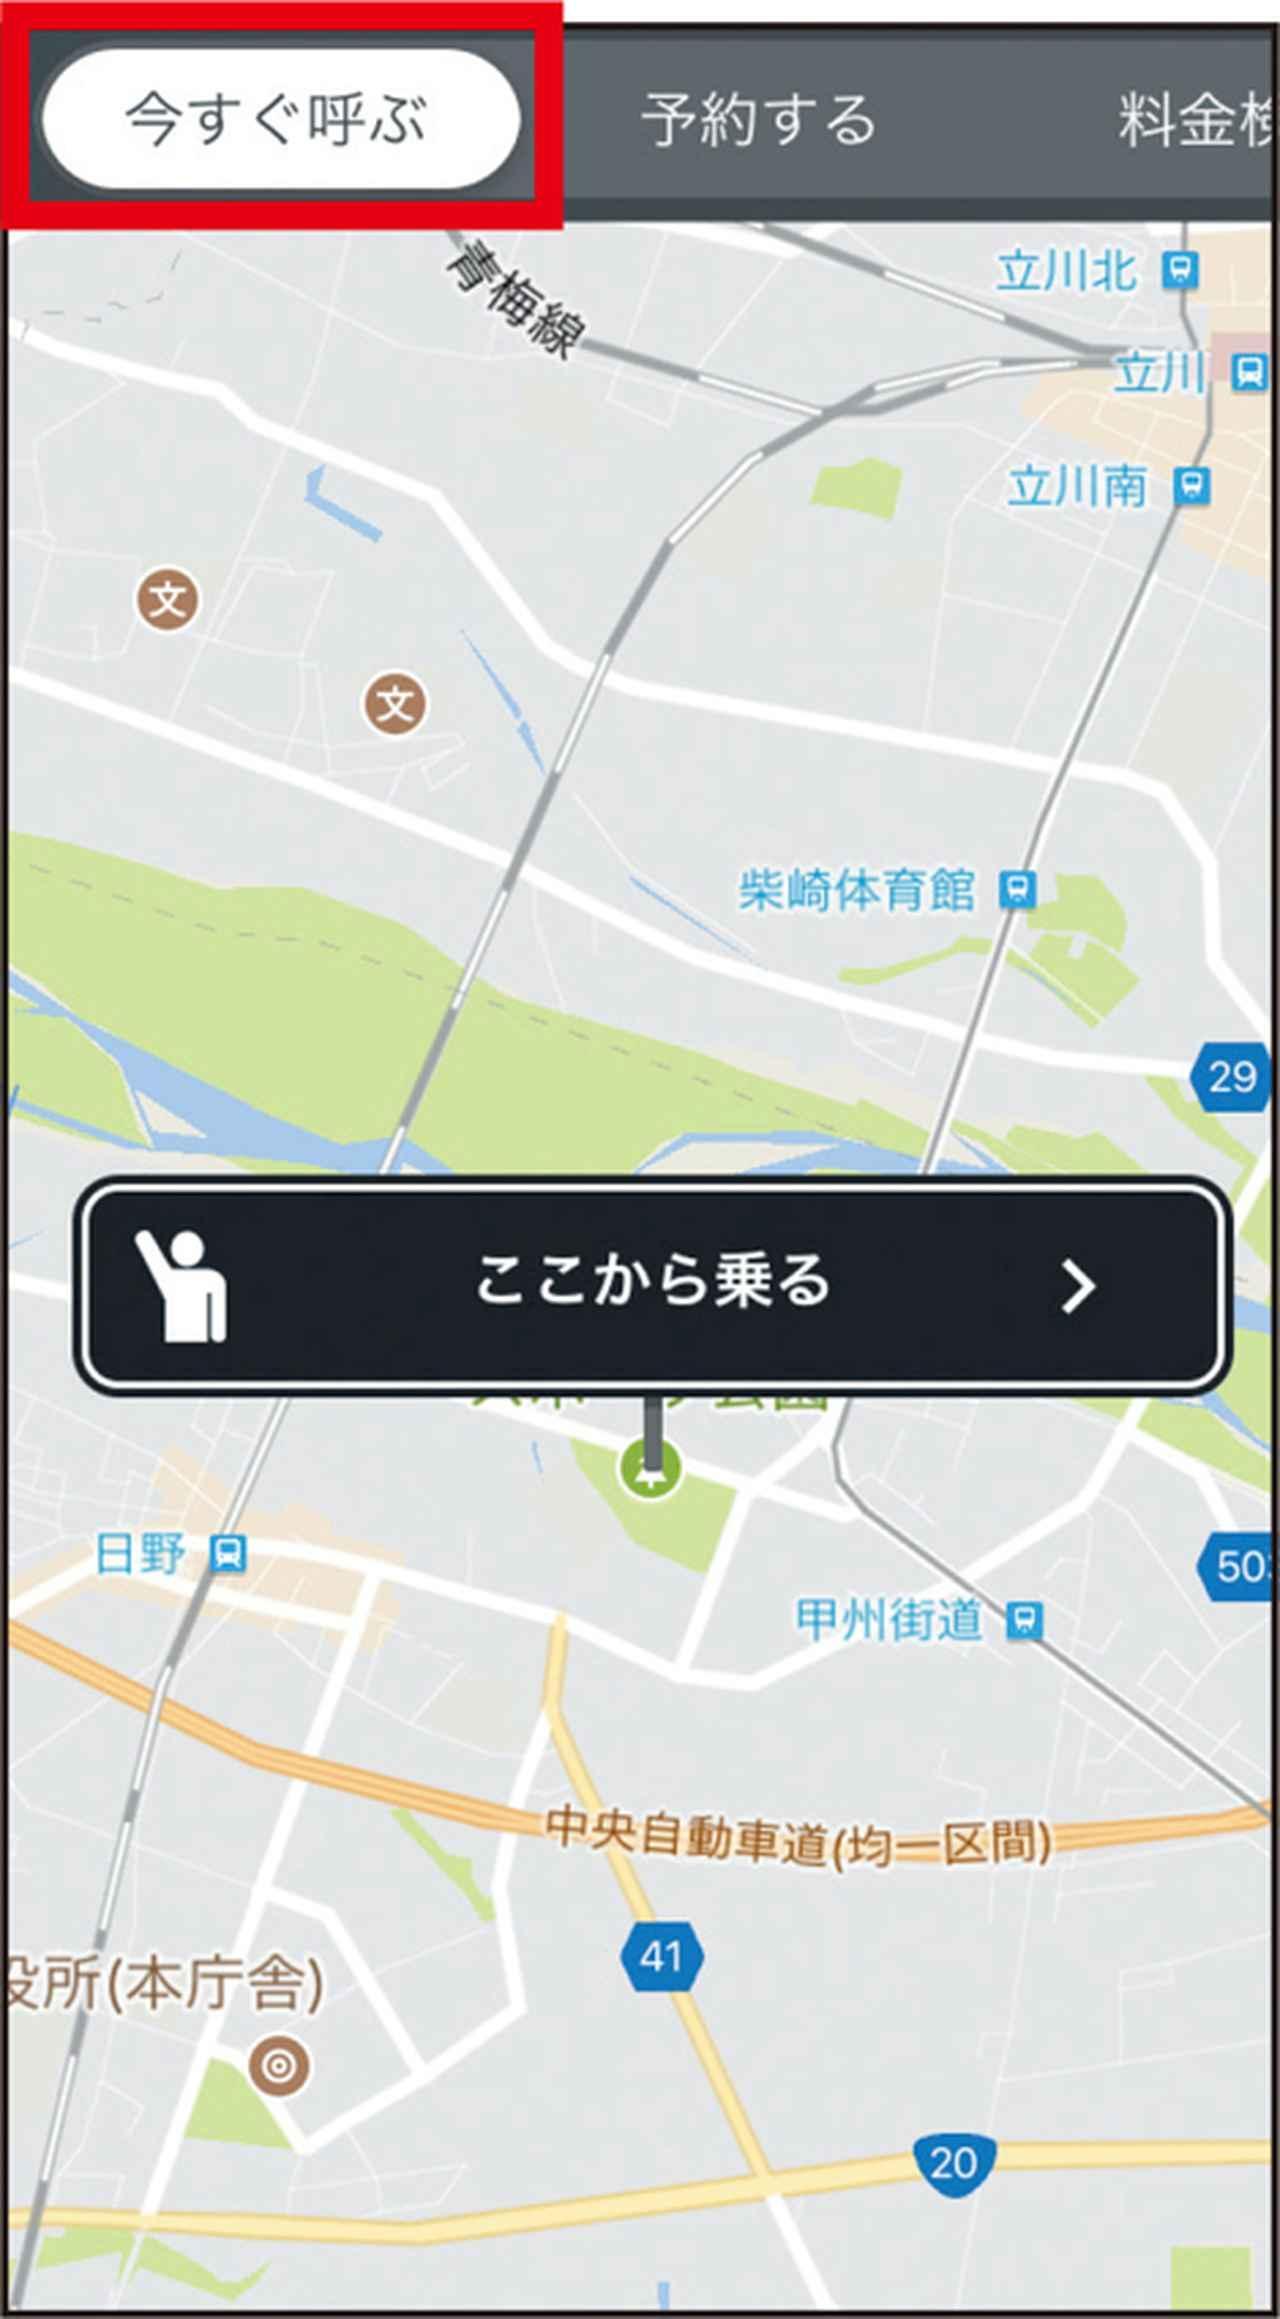 画像: 「全国タクシー」アプリで、すぐ乗りたいときは画面左上にある「今すぐ呼ぶ」を選び、乗車する場所を指定する。